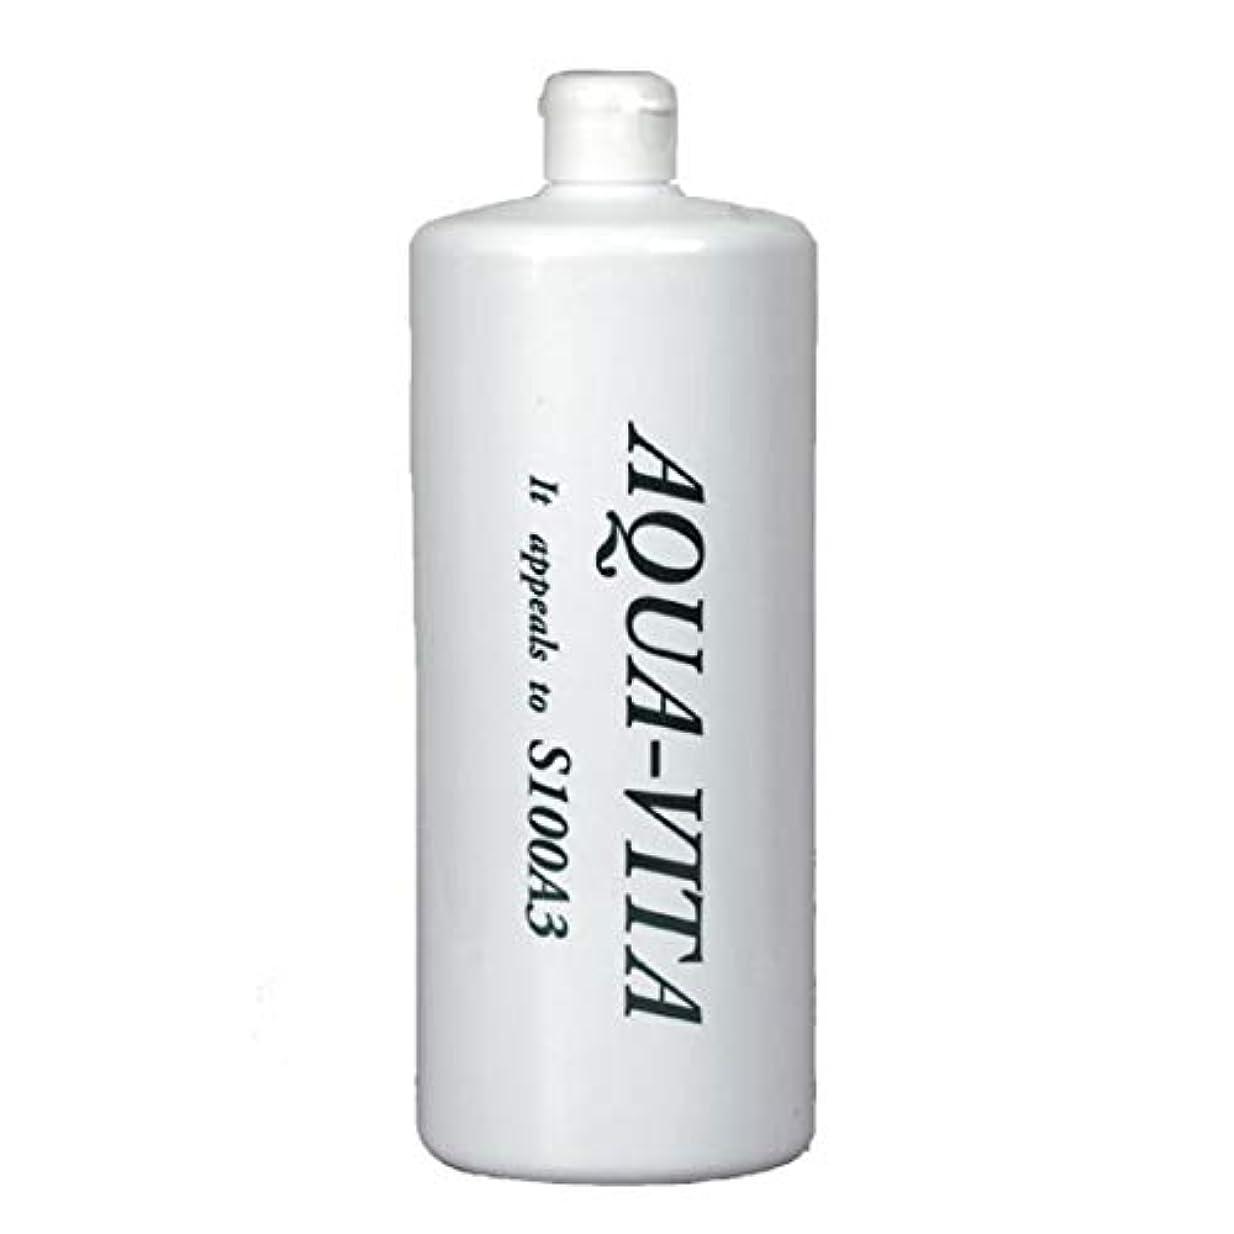 バンガロー月曜日アイデア全身用化粧水 アクアヴィータ (1000ml (お得用サイズ))